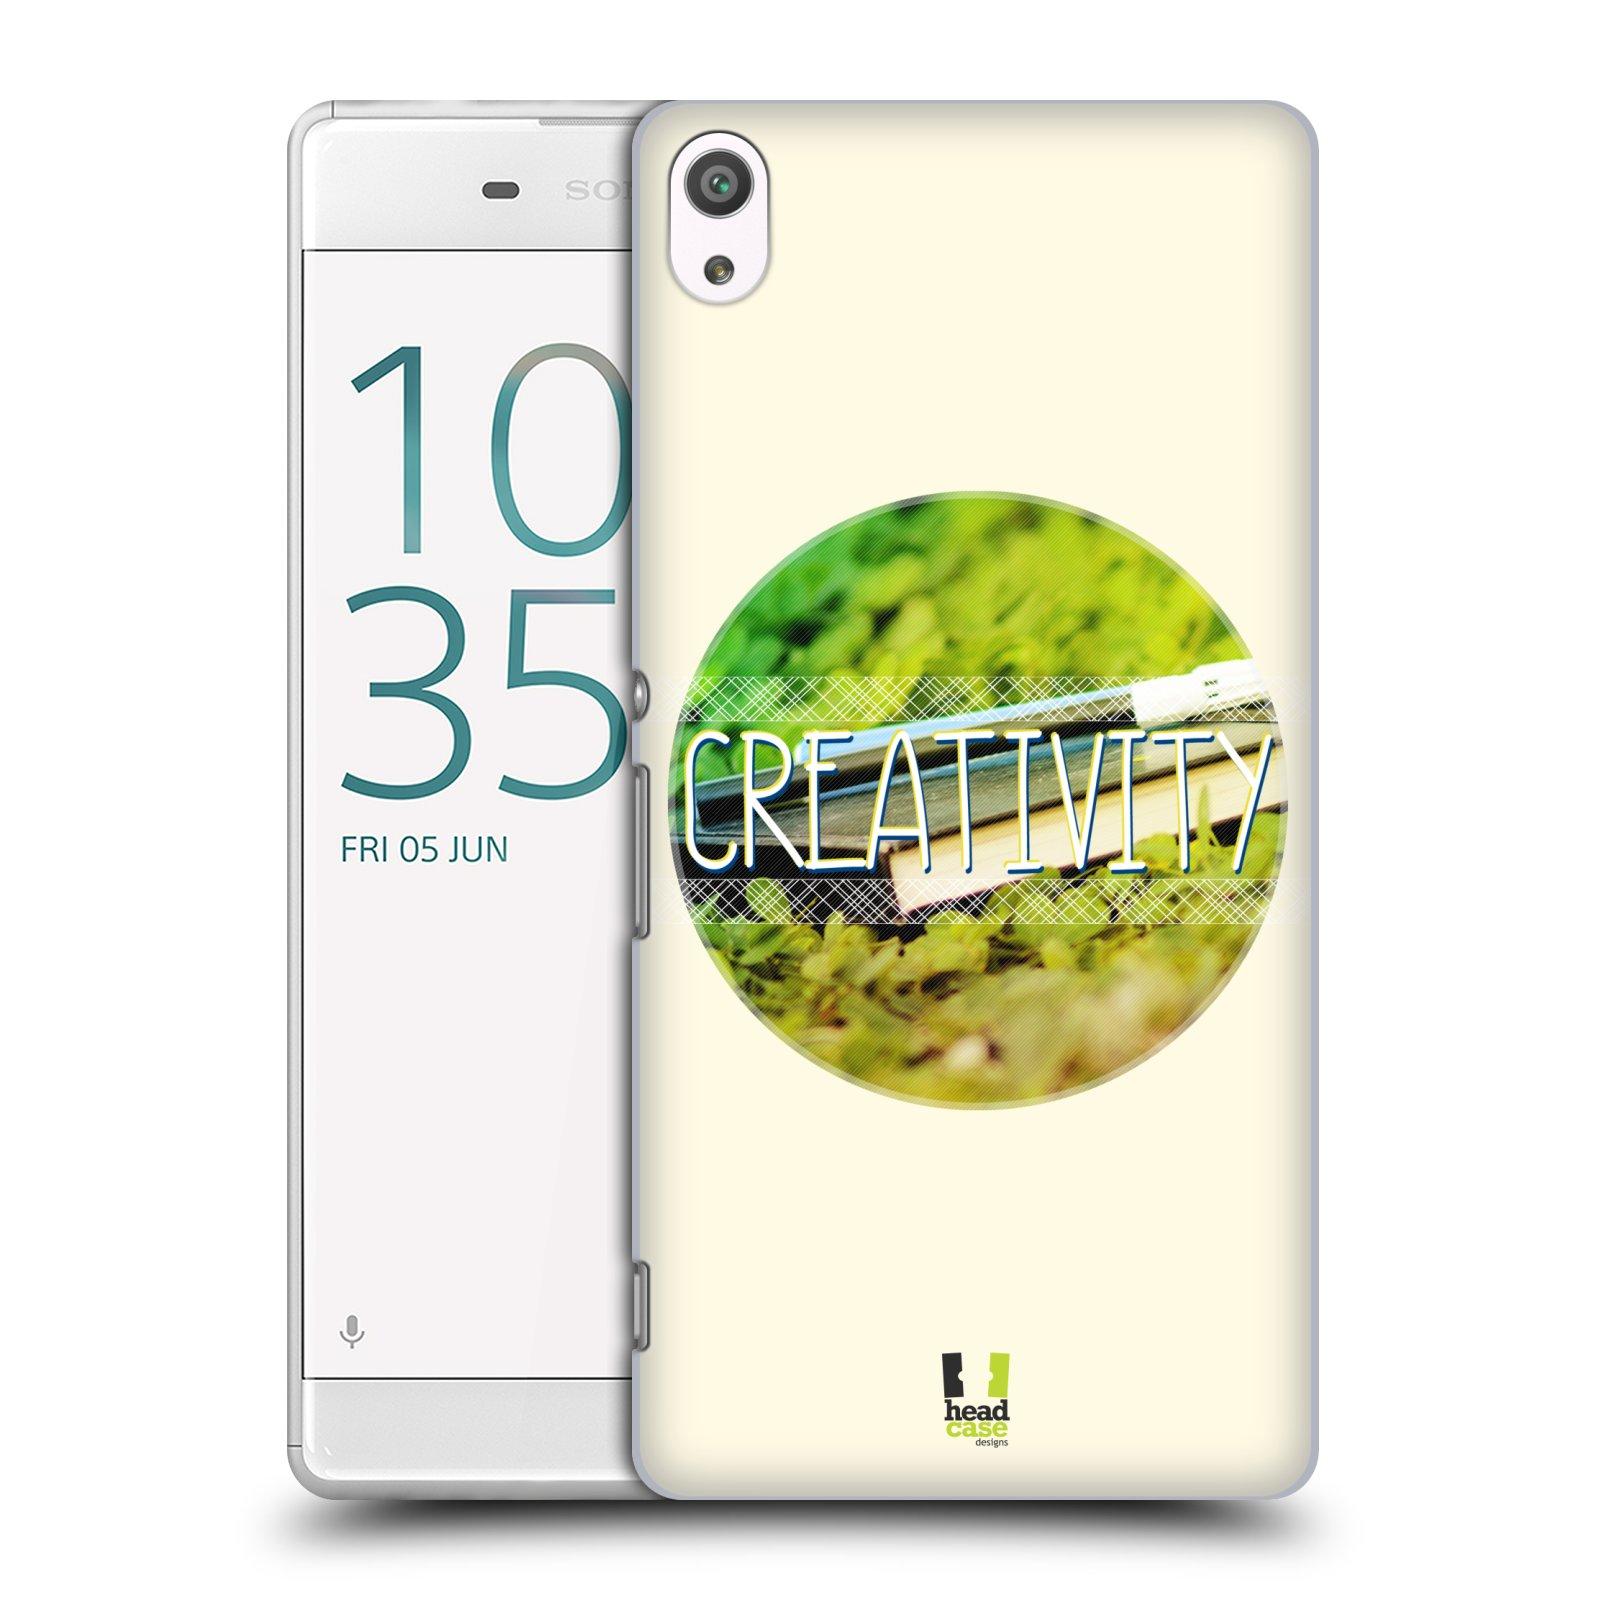 Plastové pouzdro na mobil Sony Xperia XA Ultra HEAD CASE INSPIRACE V KRUHU KREATIVITA (Plastový kryt či obal na mobilní telefon Sony Xperia XA Ultra F3211)